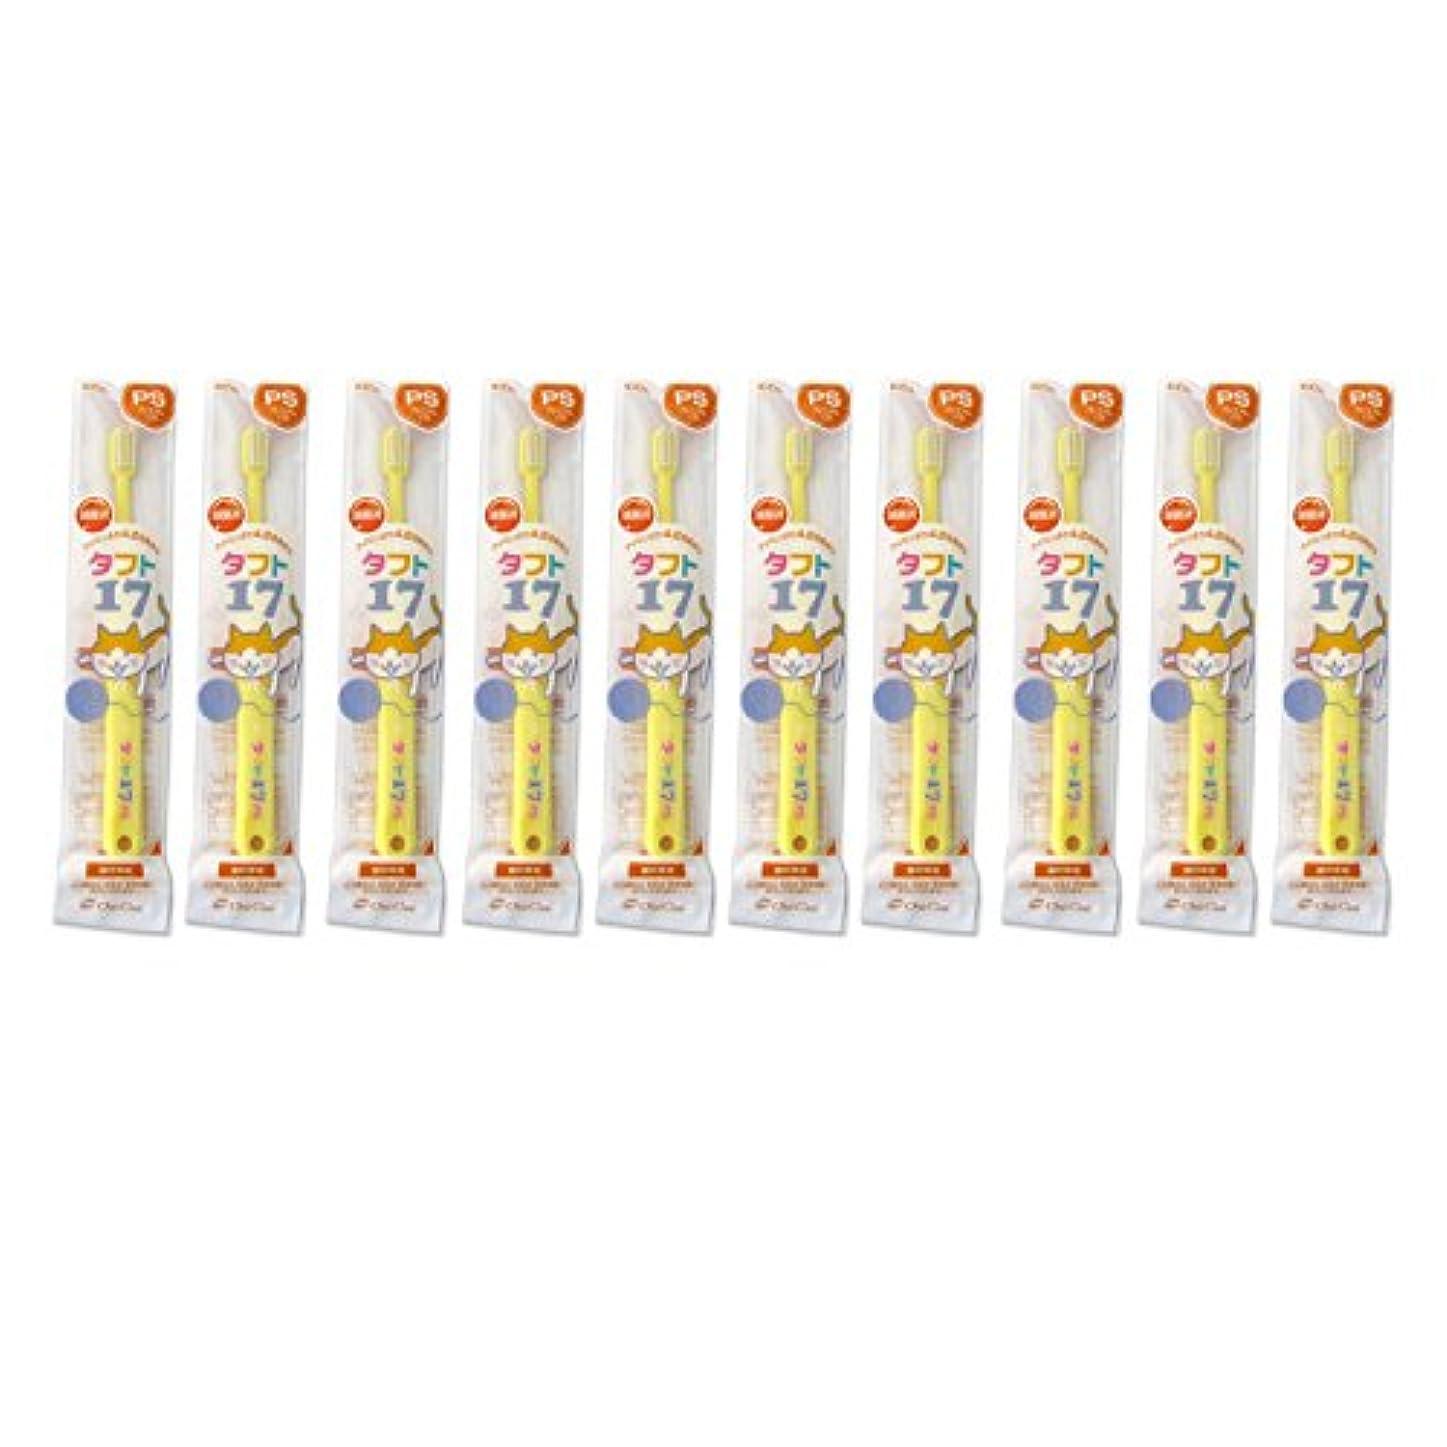 隔離する見込み用心深いタフト17 10本 オーラルケア タフト17/プレミアムソフト 子供 タフト 乳歯列期(1~7歳)こども歯ブラシ 10本セット イエロー